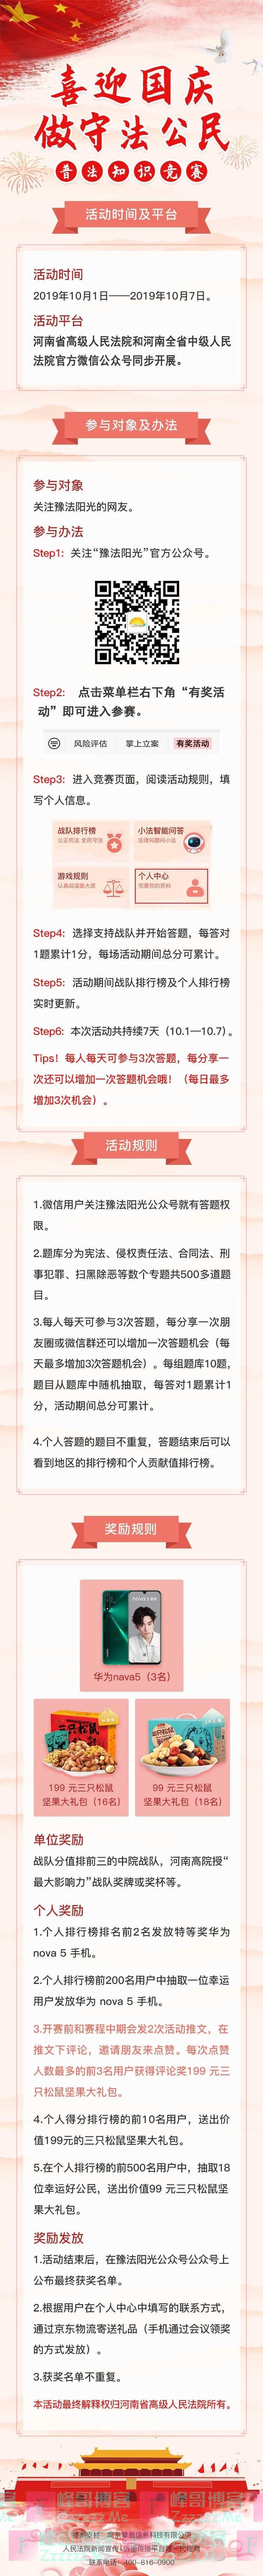 豫法阳光喜迎国庆 做守法公民 知识竞赛国庆有奖答题活动(10月7日截止)